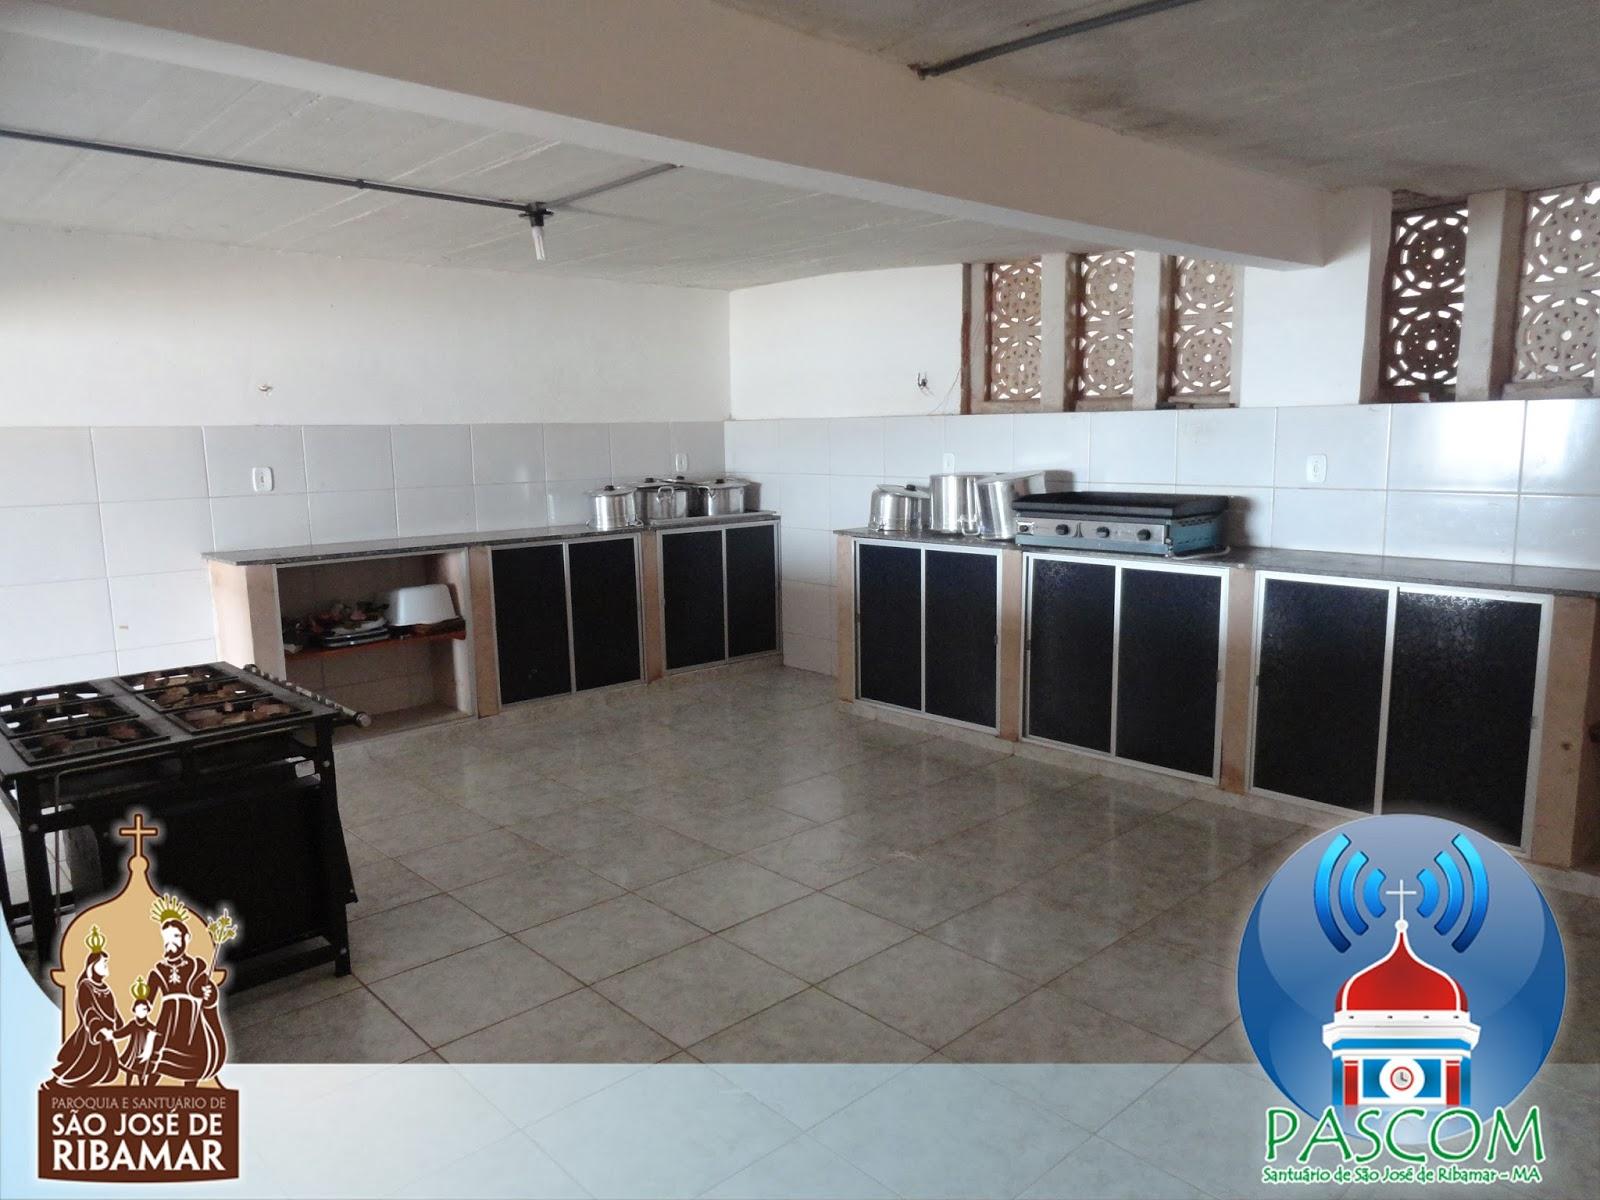 #346797 cozinha do salão paroquial a cozinha foi toda projetada para 1600x1200 px Melhorias Na Cozinha_457 Imagens